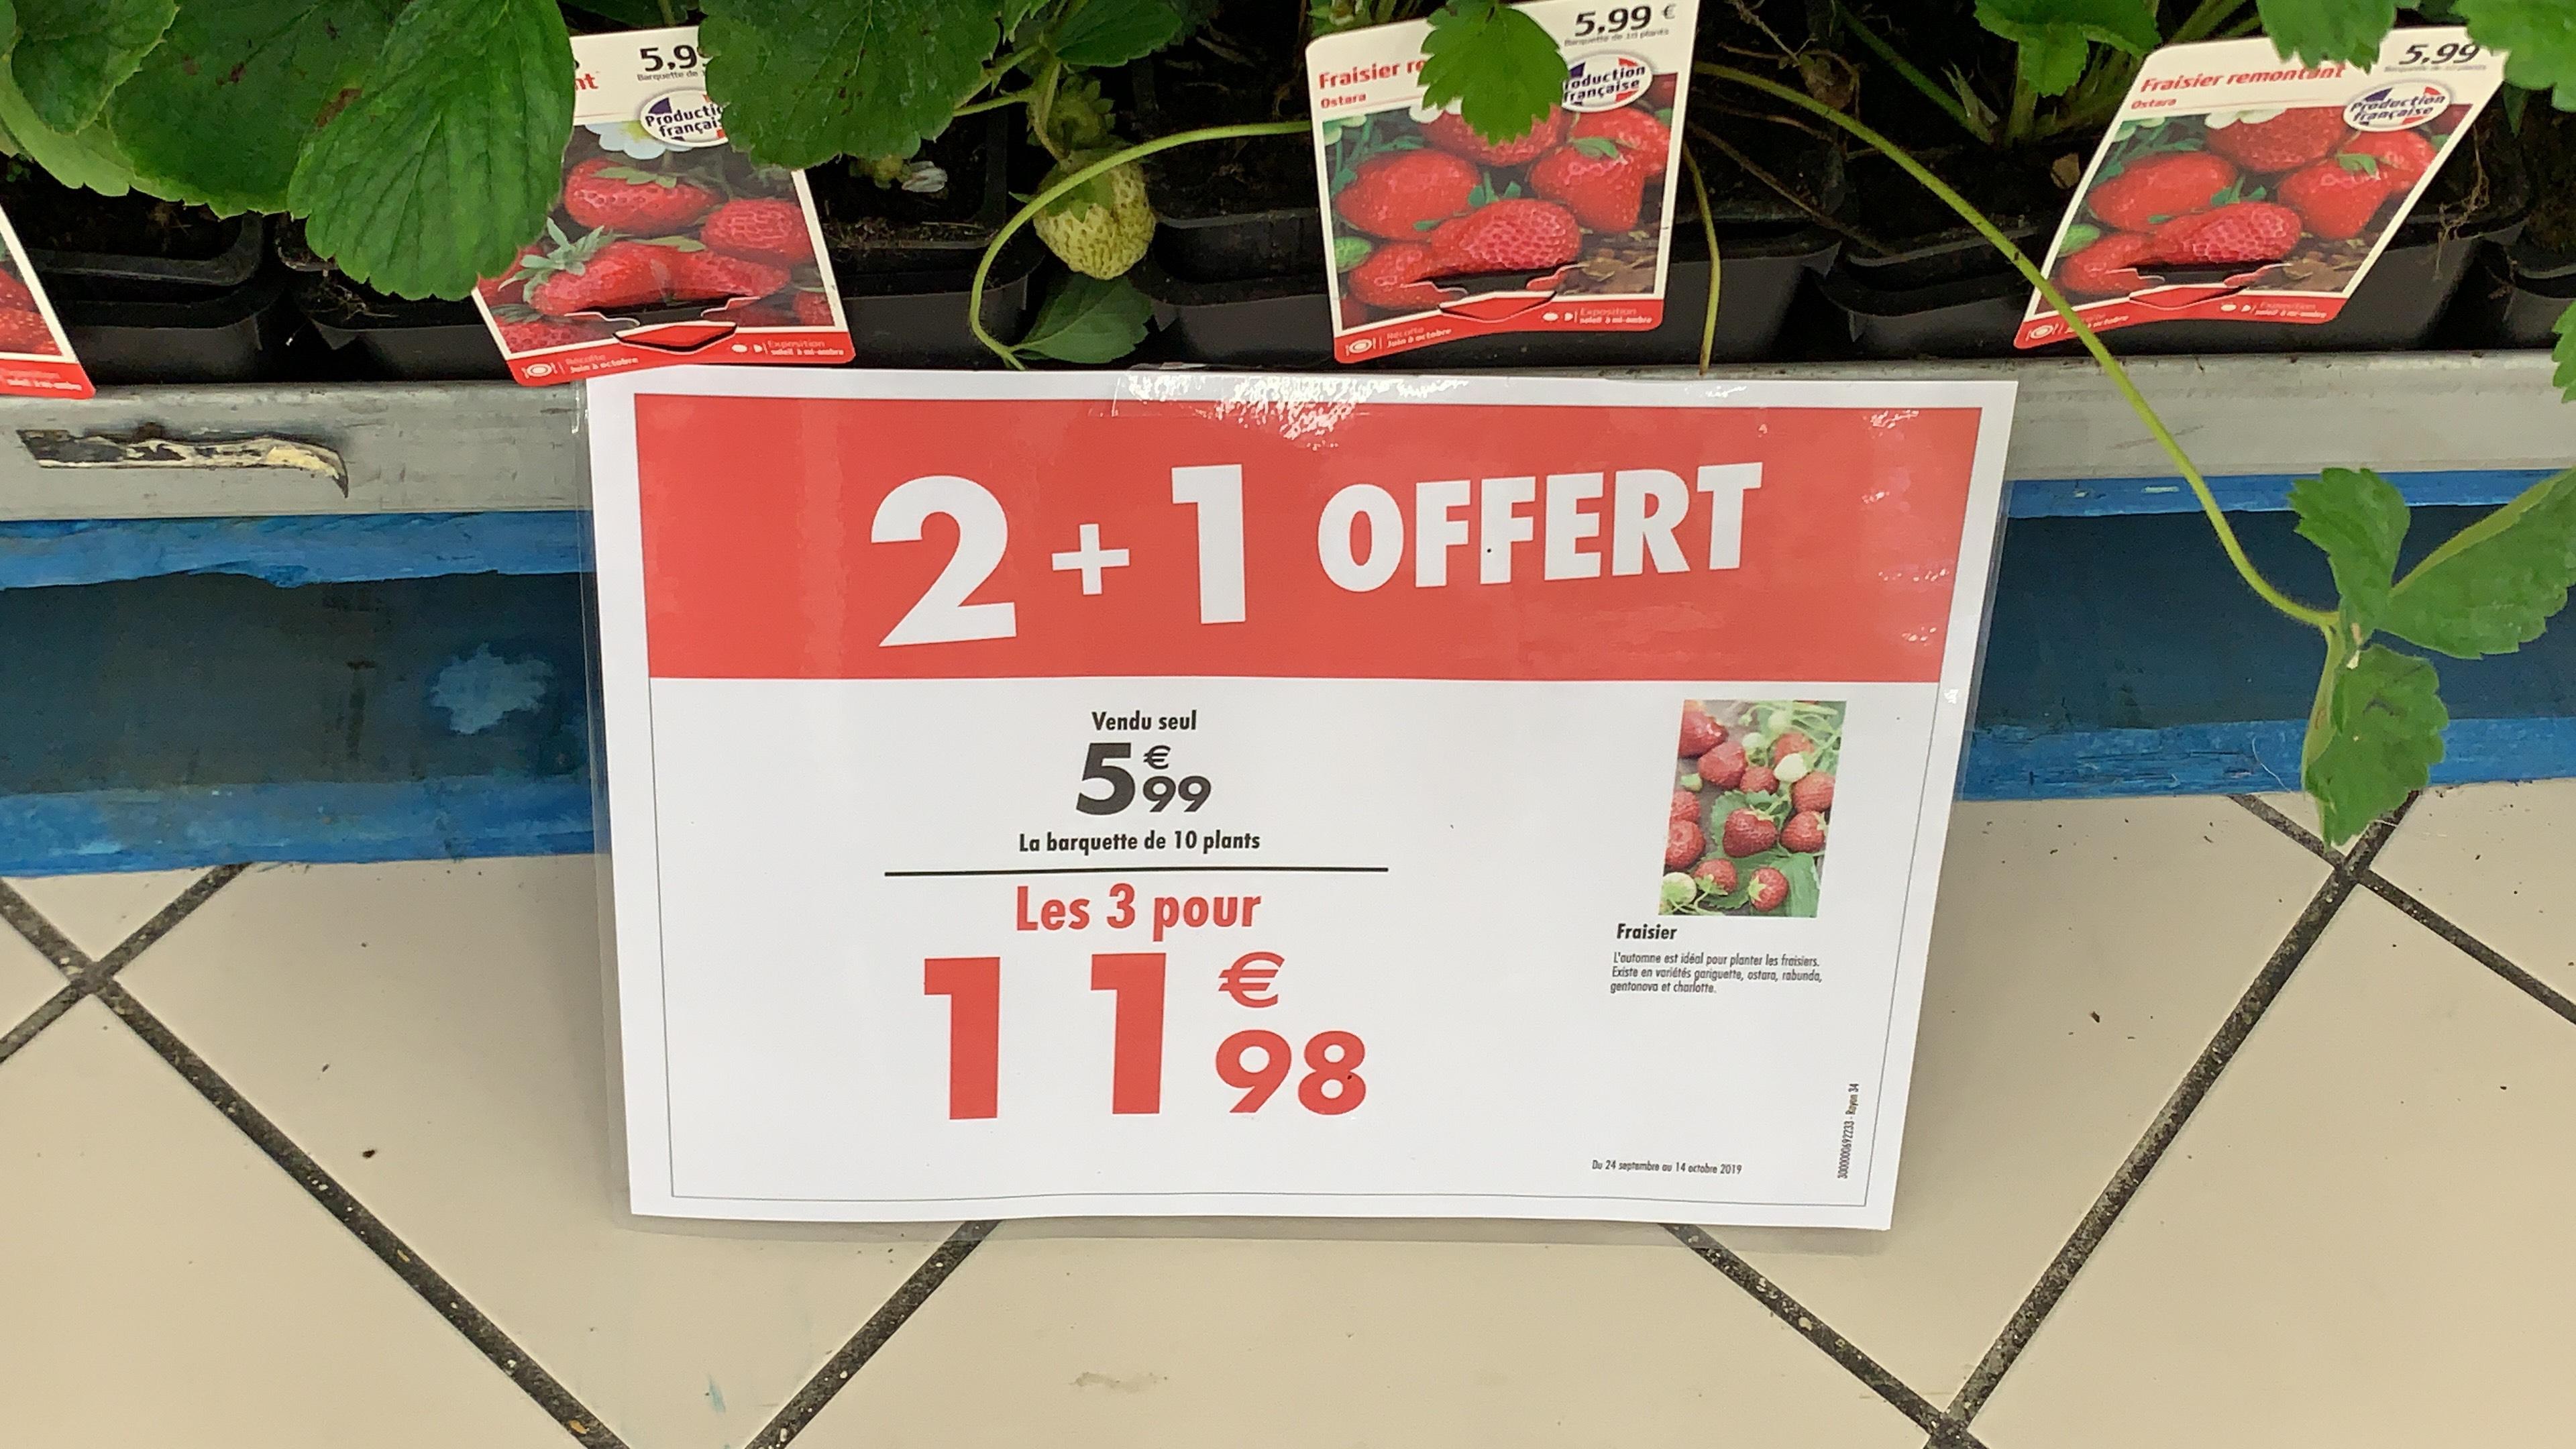 Lot de 30 plants de fraisiers Ostara (origine France) - Lieusaint (77)